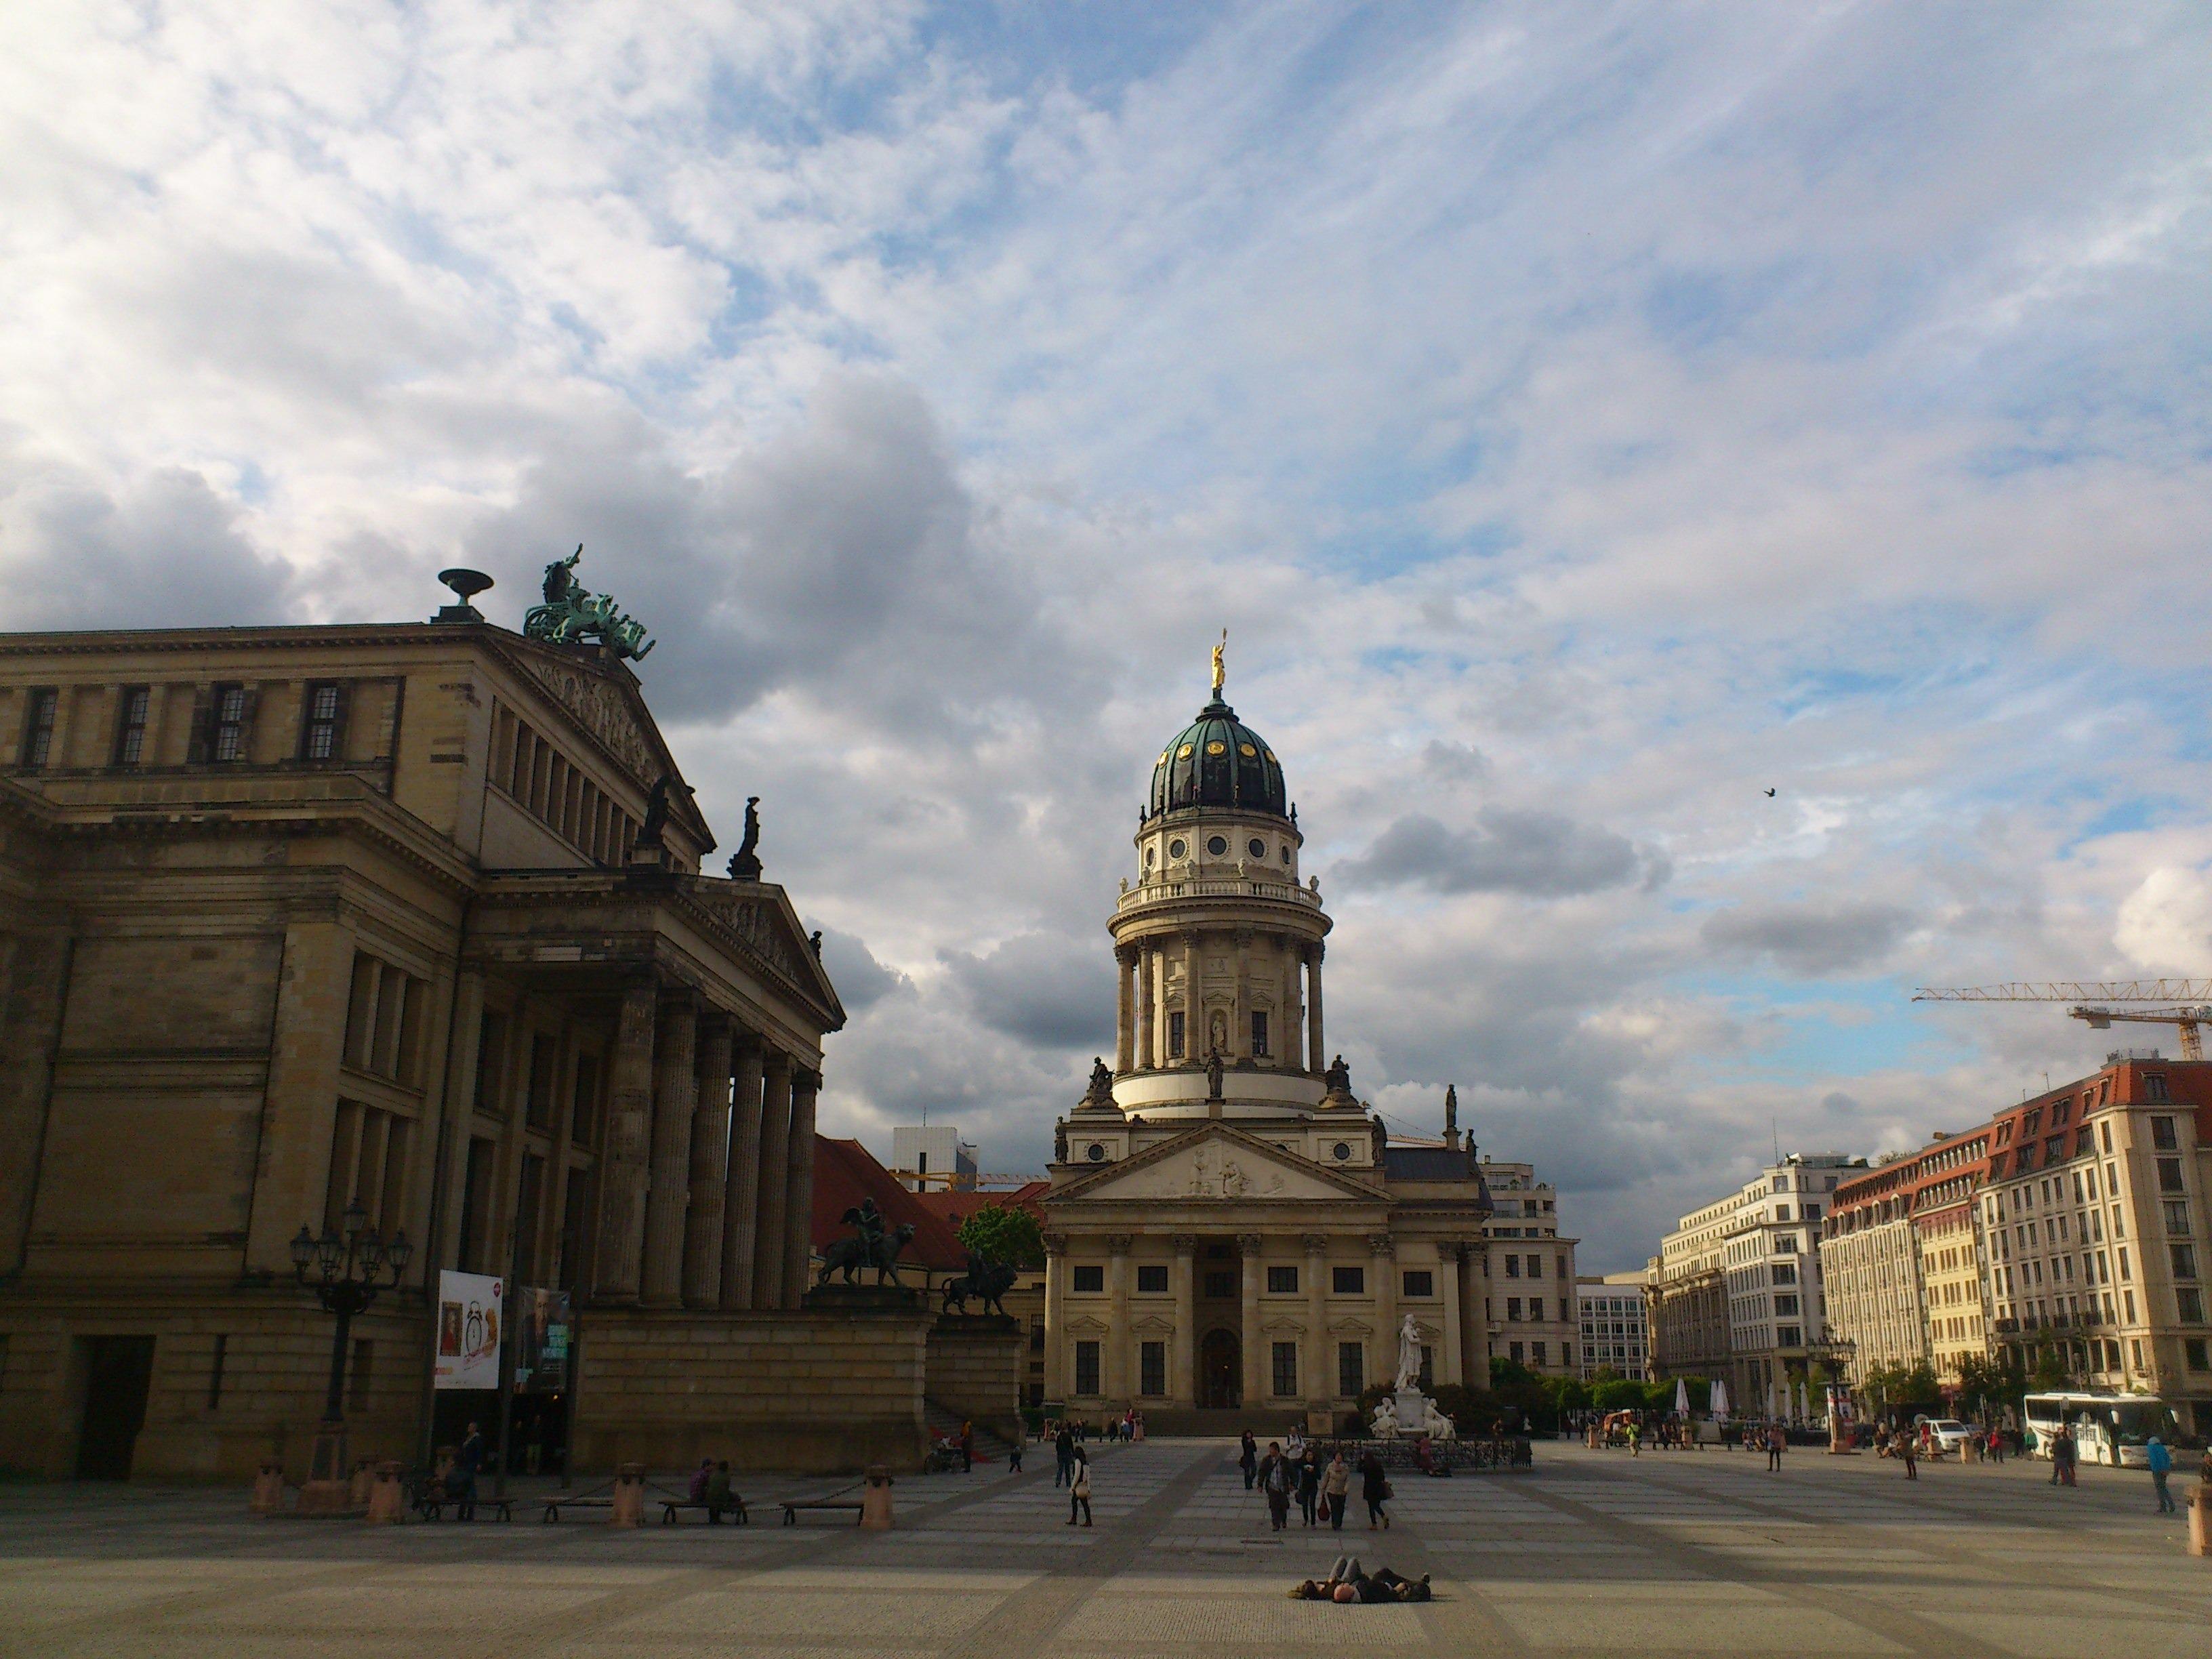 берлин центральная площадь фото описание она хотела вычислить